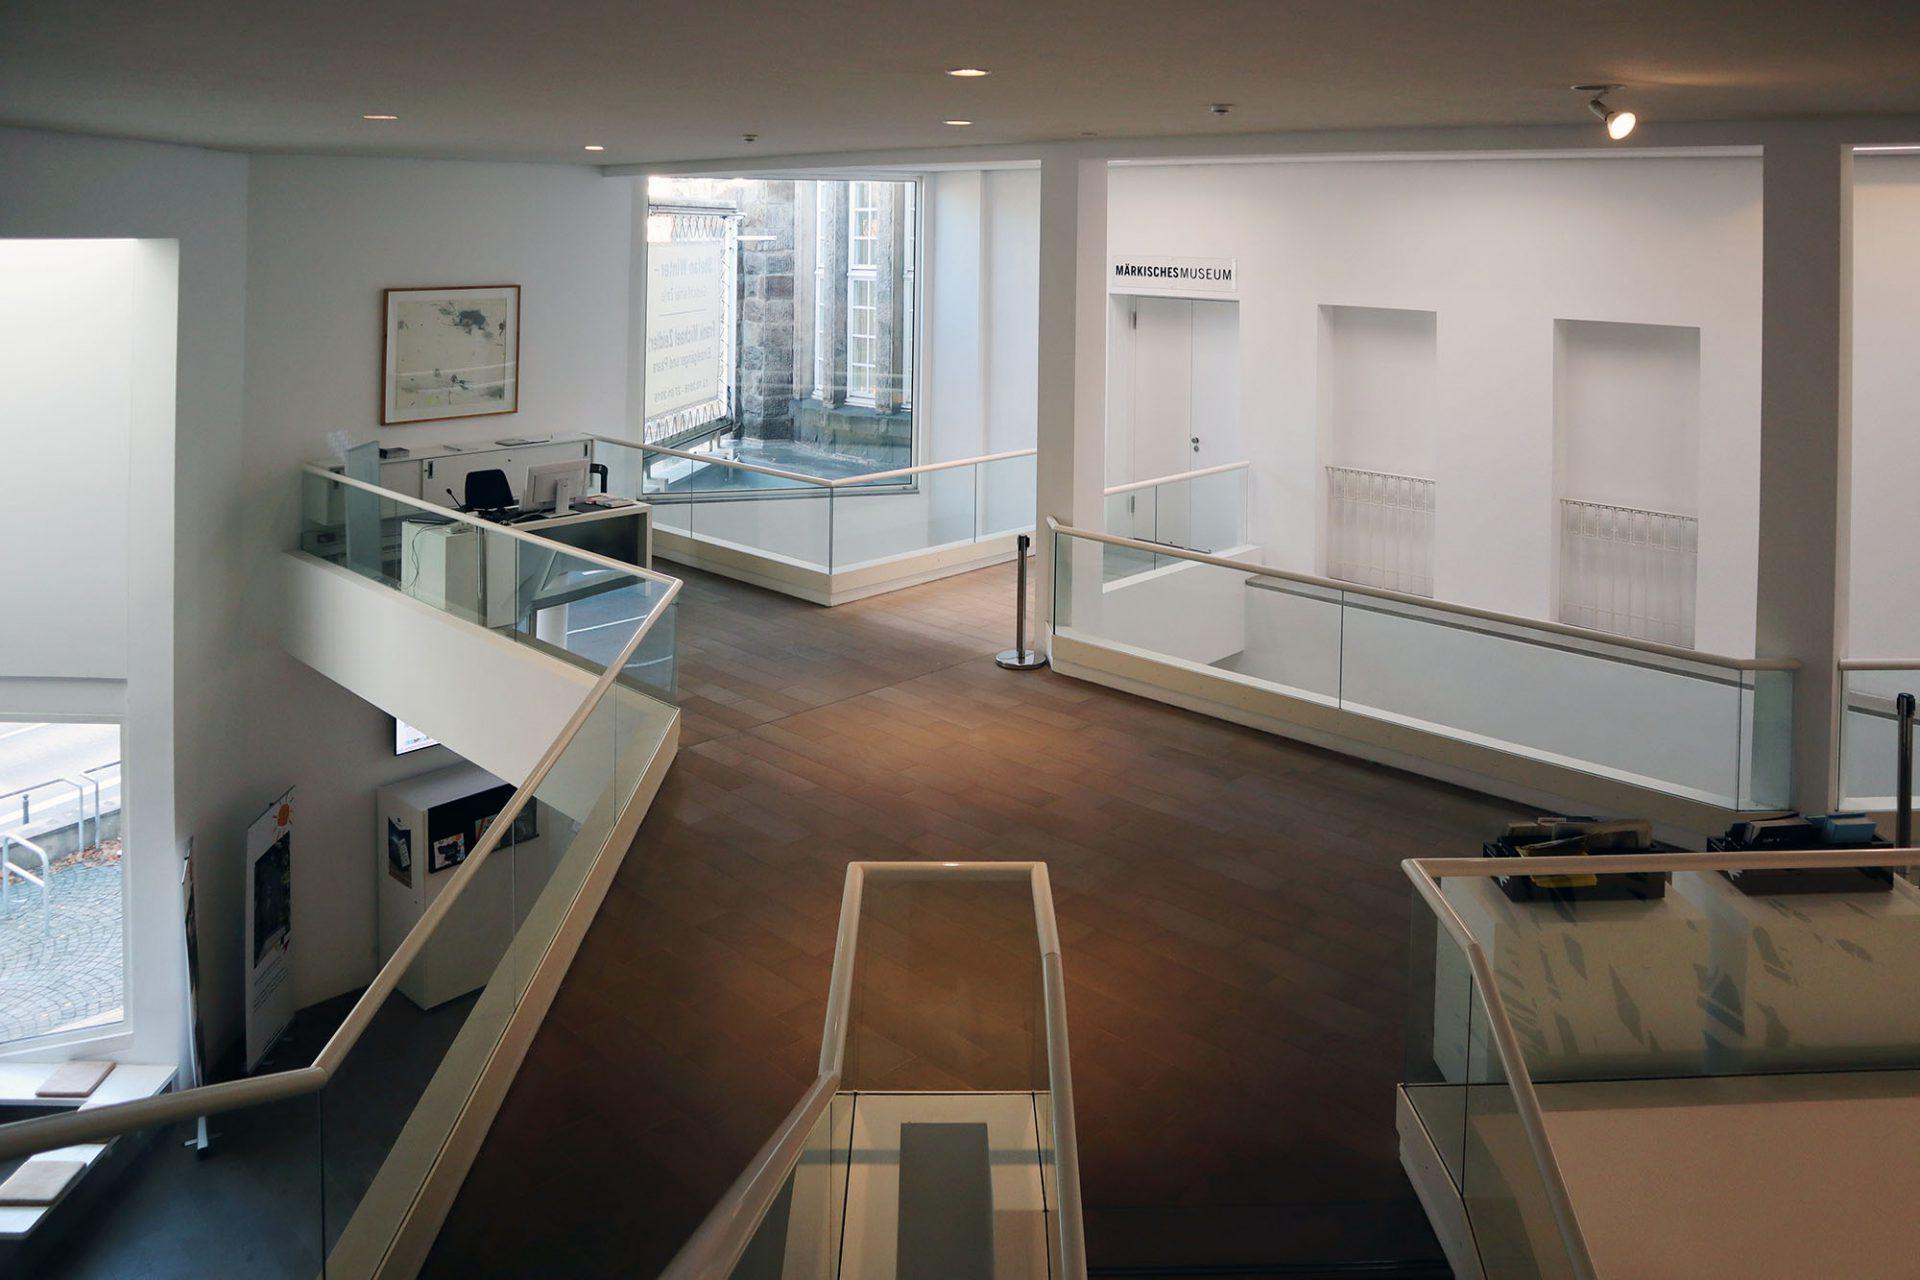 Märkisches Museum. Die Sammlung des Museums umfasst moderne Malerei aus Deutschland, dazu expressionistische Werke von Ernst Ludwig Kirchner und Emil Nolde.